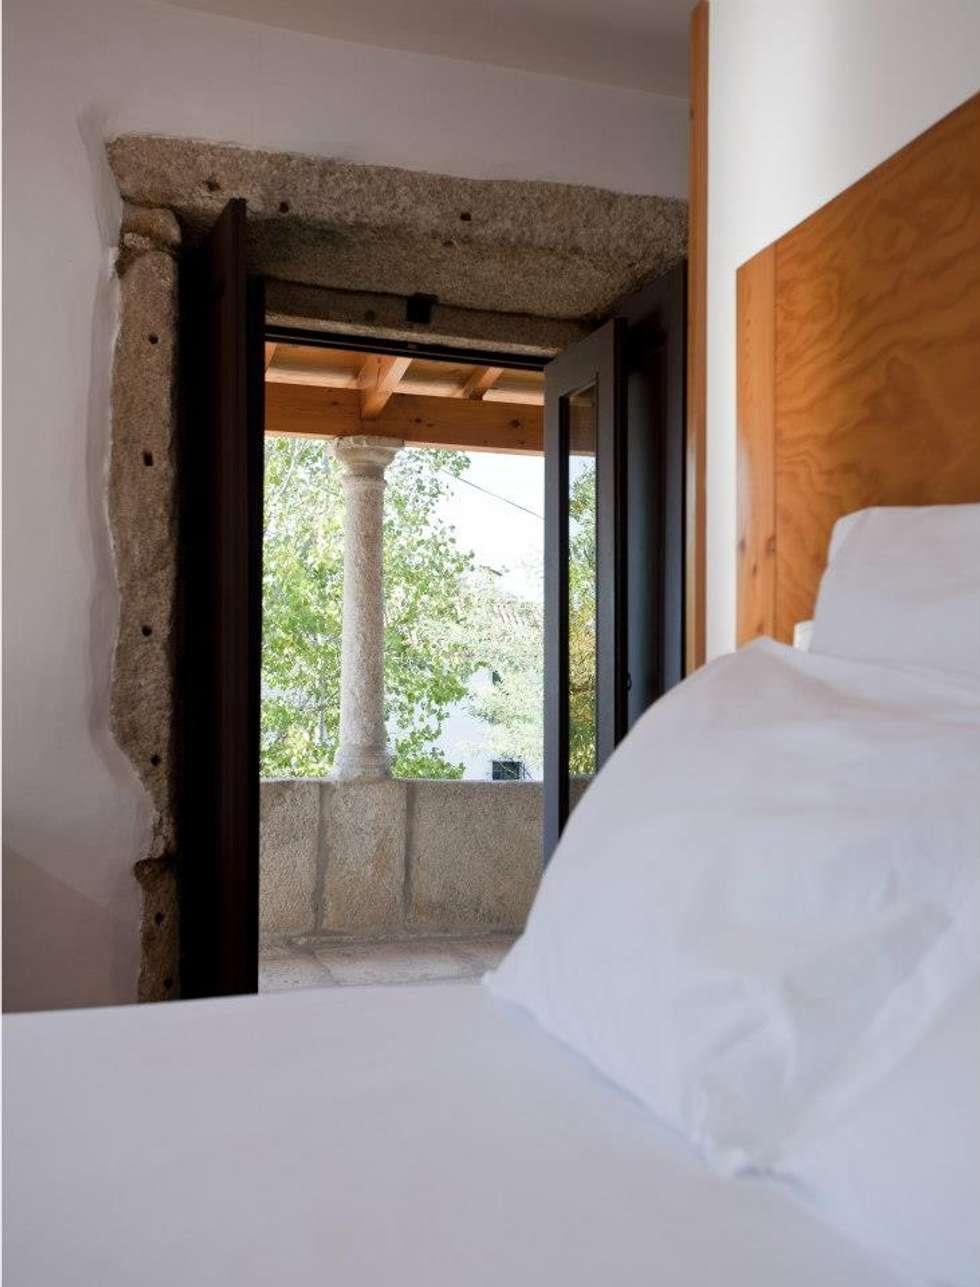 """Turismo rural """"Casa de Santa Cruz"""" em Trás-os-Montes: Quartos rústicos por Miguel Guedes arquitetos"""